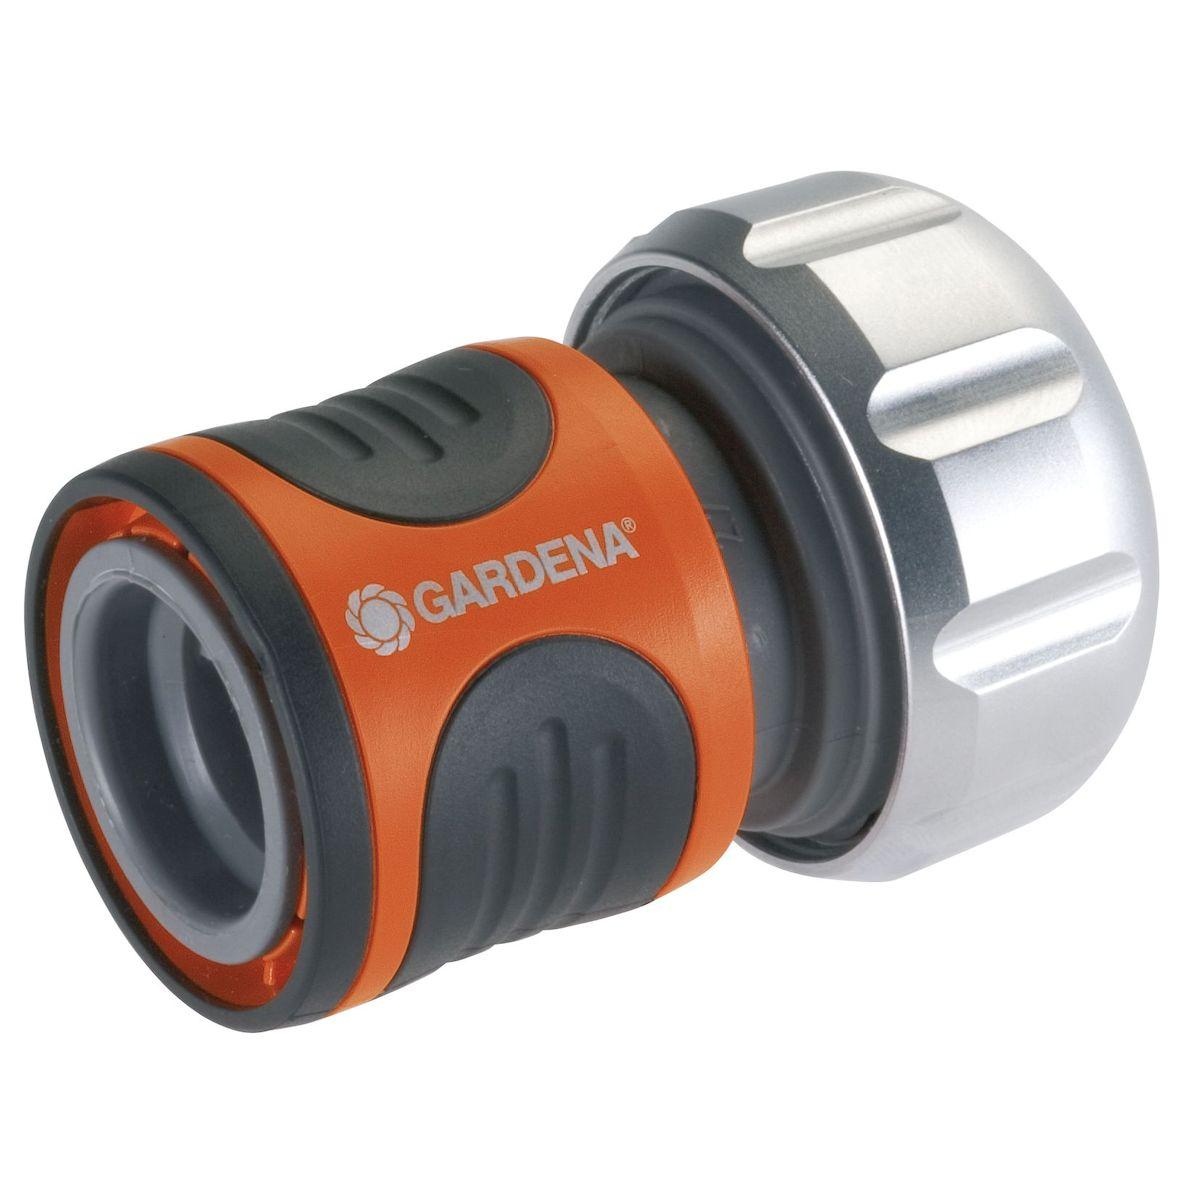 Коннектор с автостопом Gardena Premium, 19 мм (3/4) коннектор ремонтный для шланга truper пластиковый мама 5 8 3 4